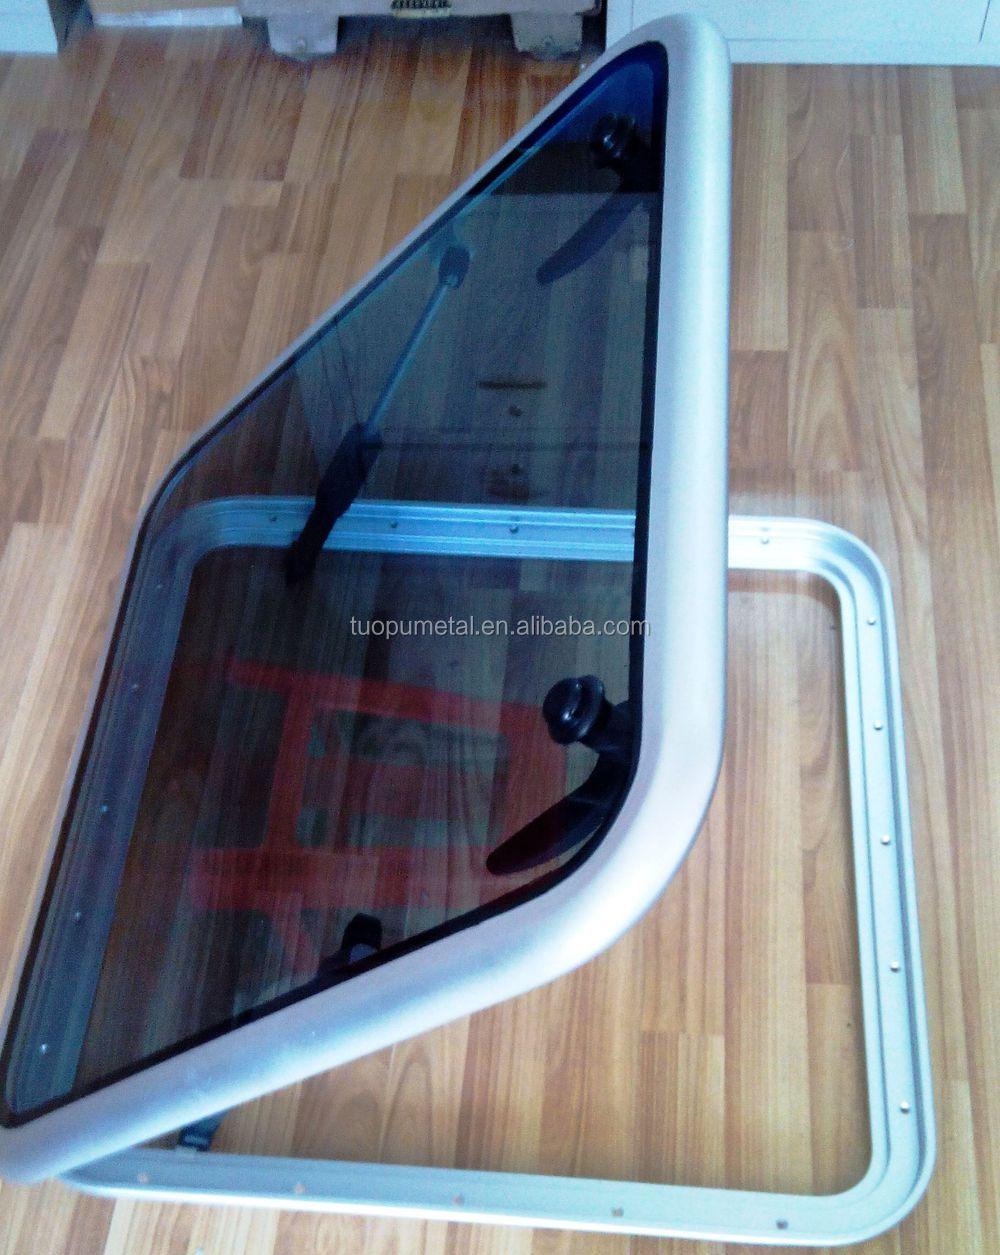 Aluminum Alloy Marine Deck Hatch Safety Skylight Yacht